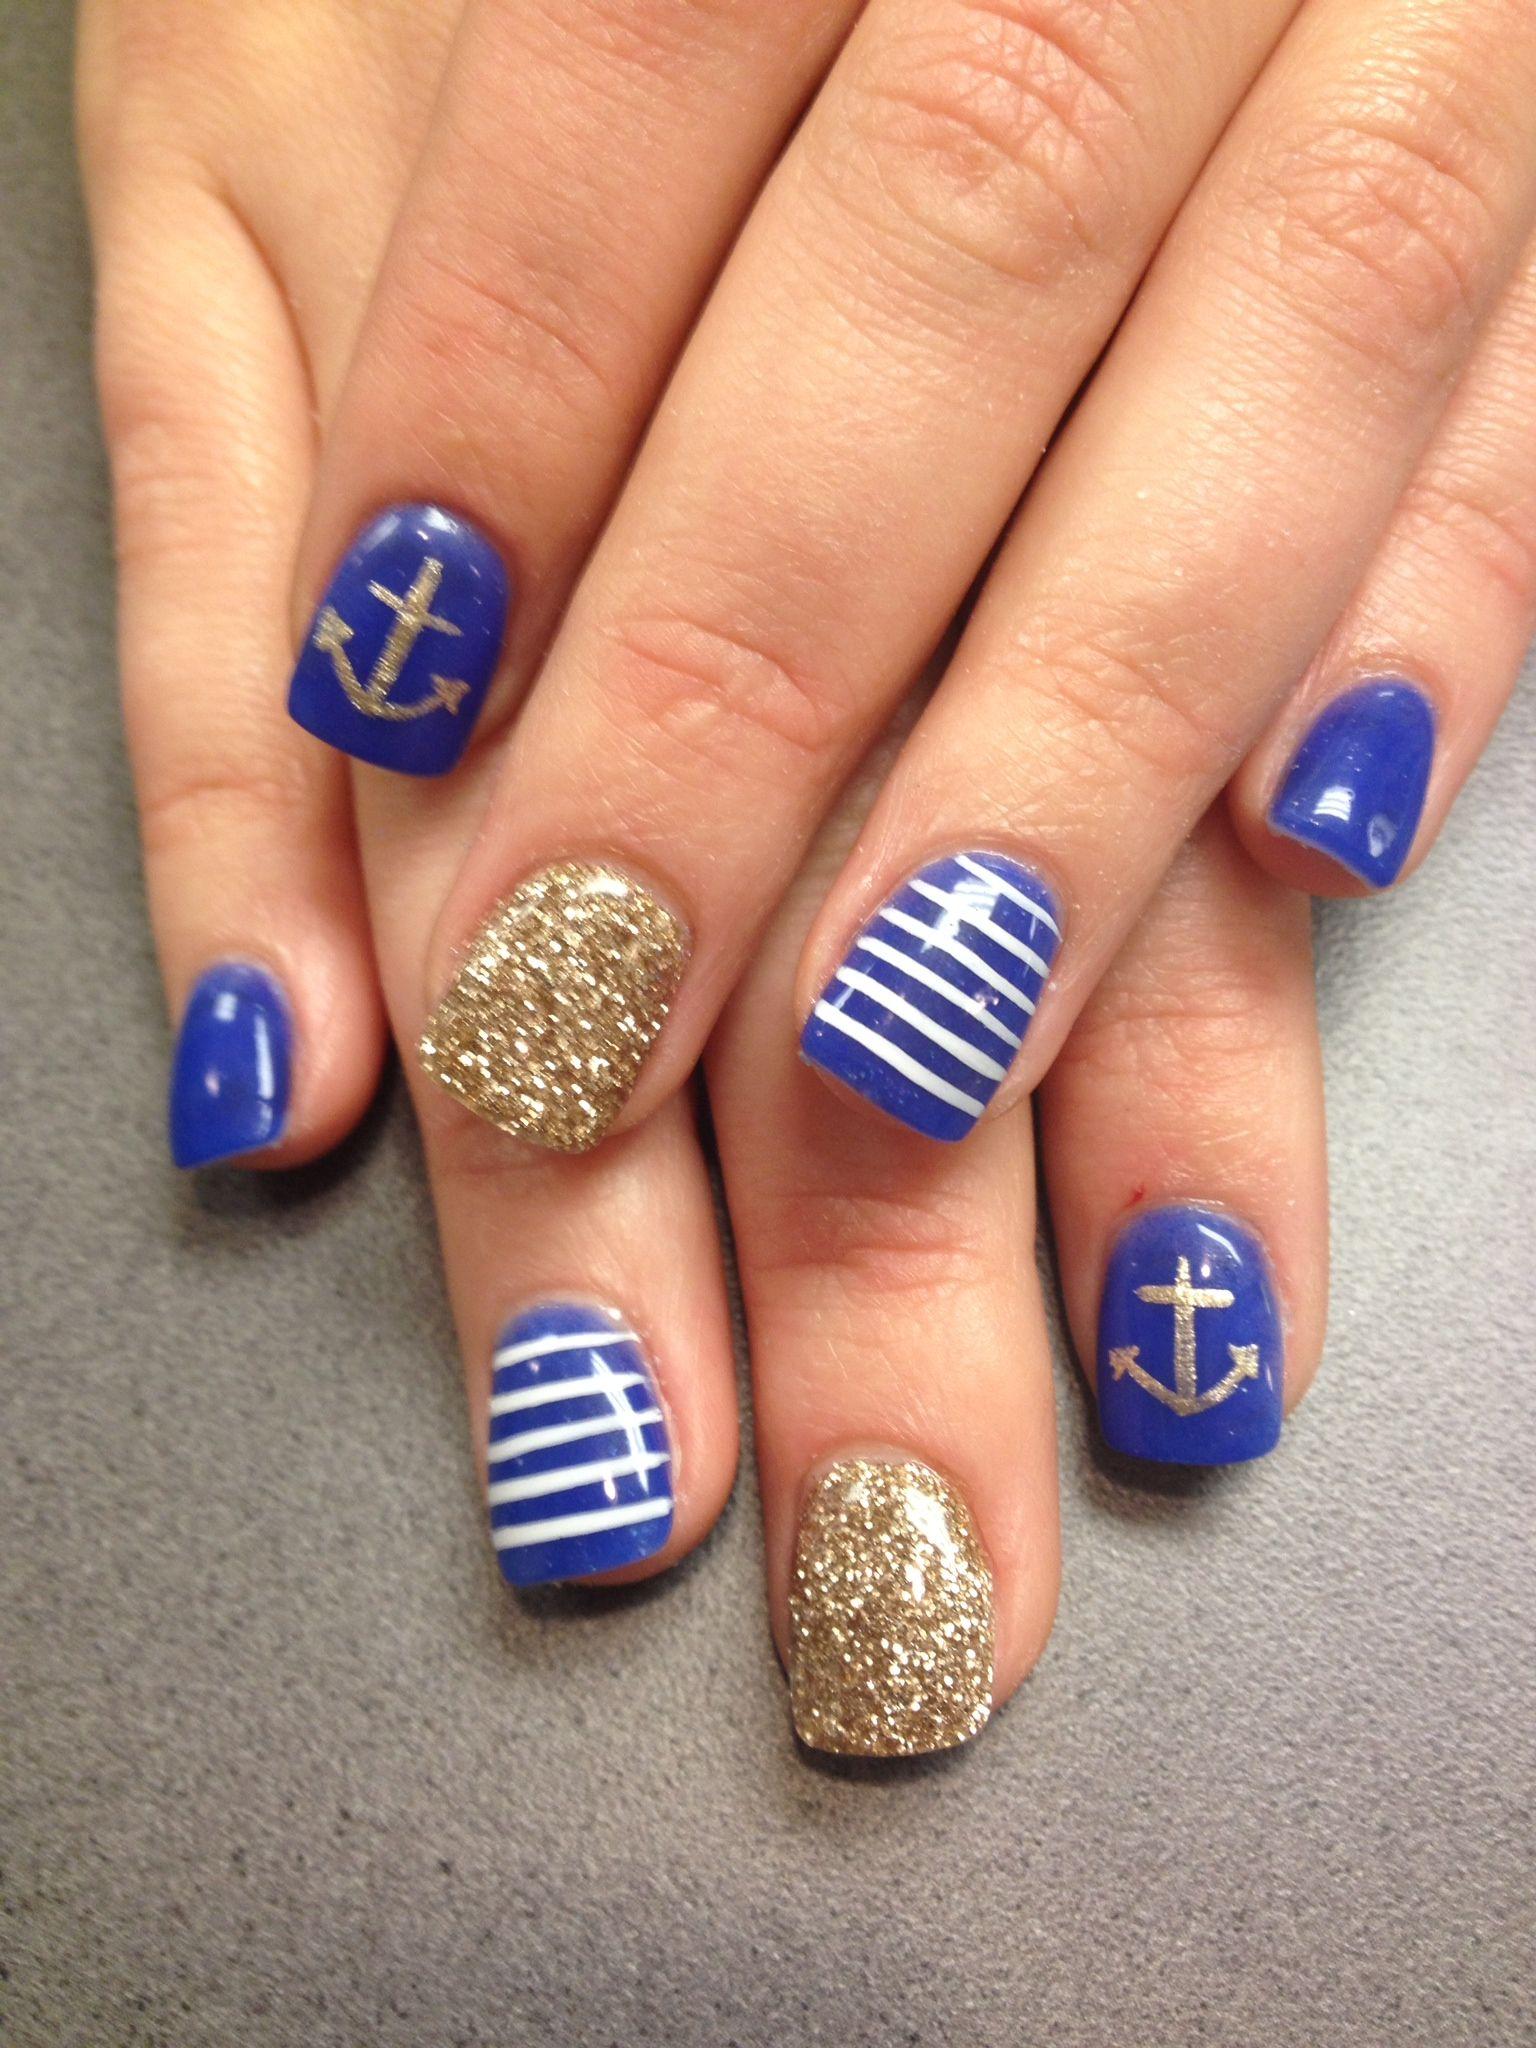 Nautical nails! The nail lounge - 60 Cute Anchor Nail Designs Nautical Nails, Makeup And Nail Nail